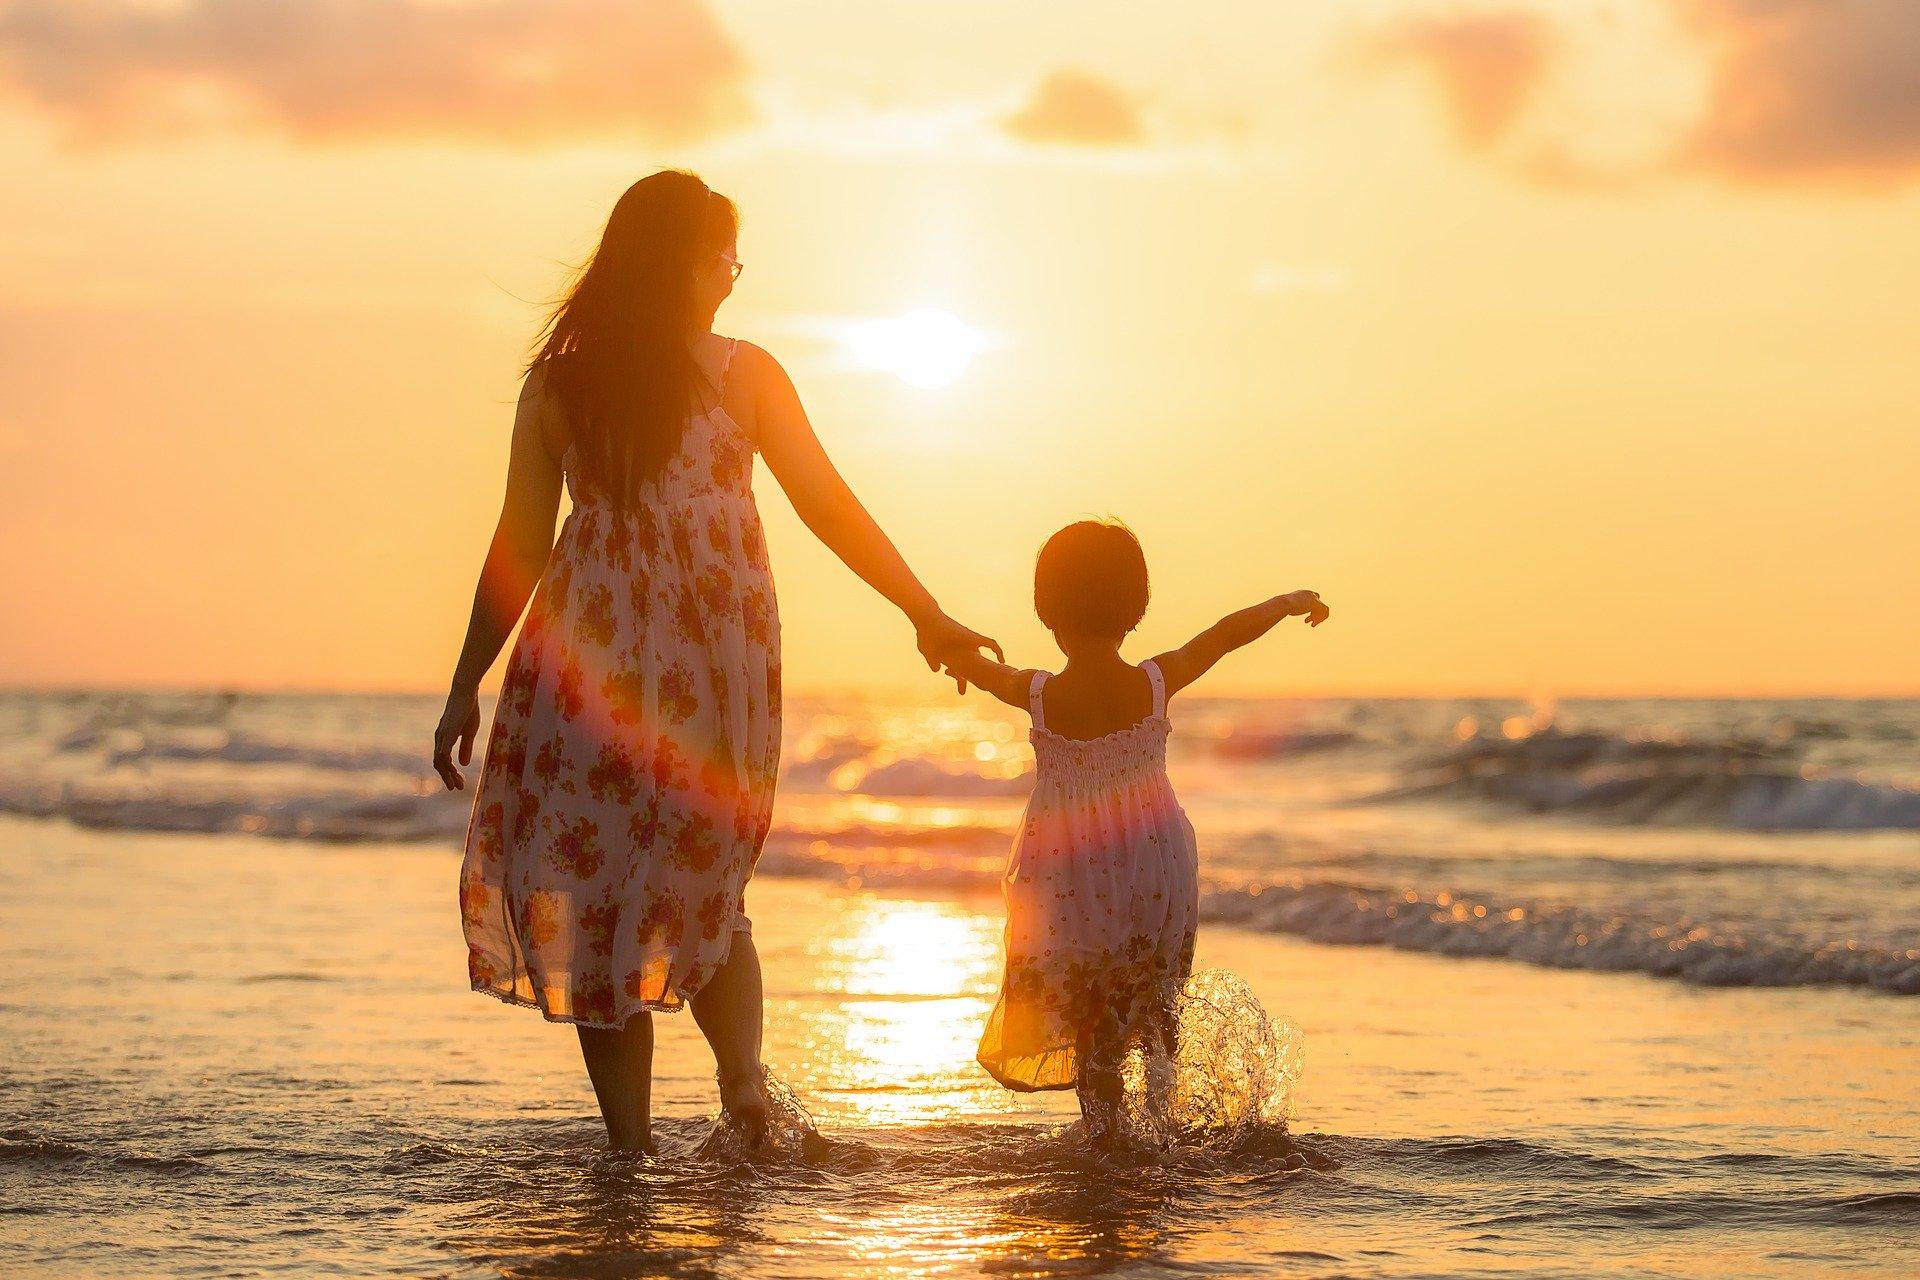 親子の相性は良くても悪くても愛があるものだから・・・